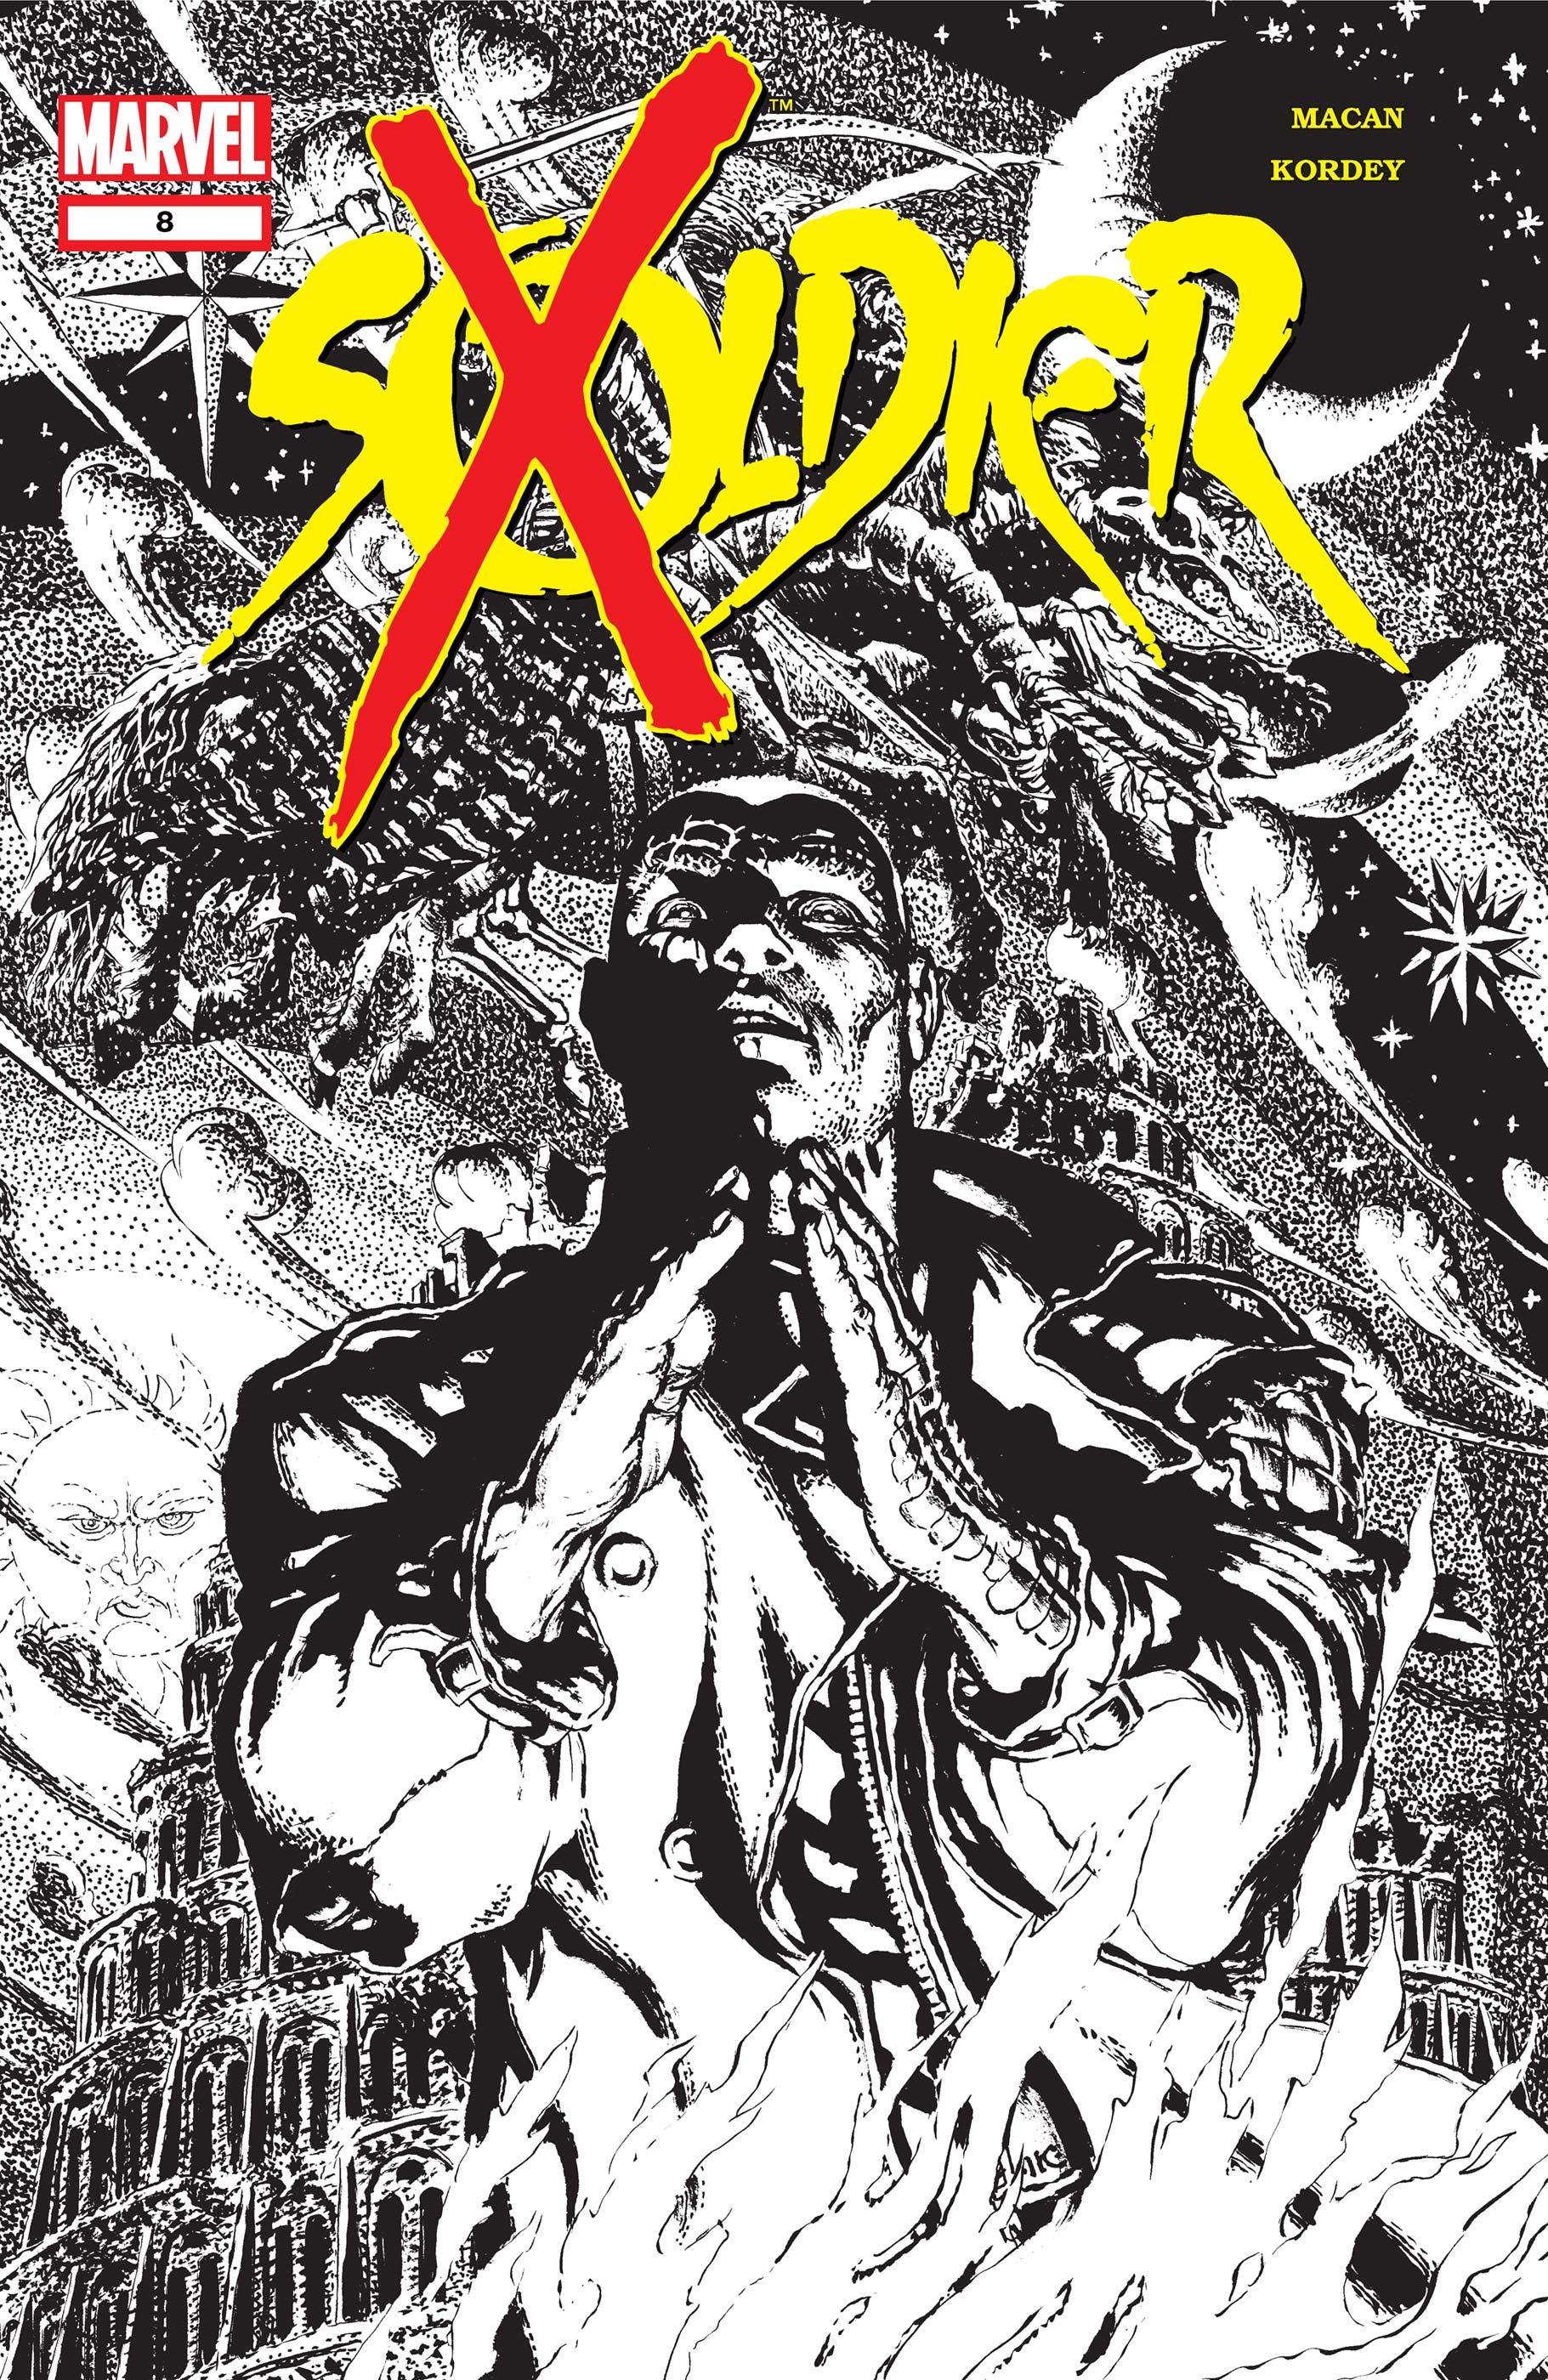 Soldier X (2002) #8